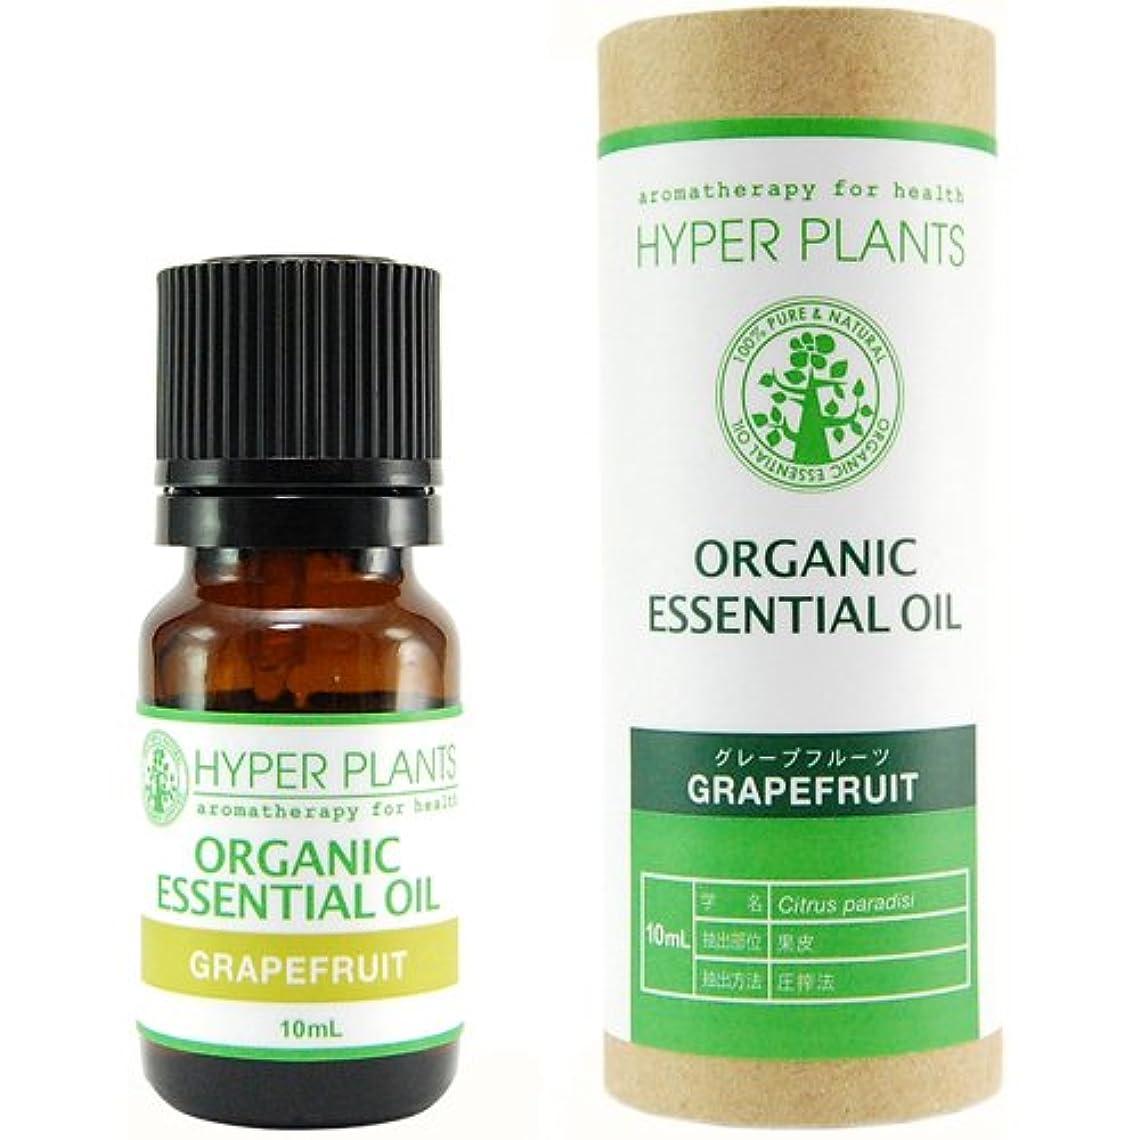 ランデブー無条件ヨーロッパHYPER PLANTS ハイパープランツ オーガニックエッセンシャルオイル グレープフルーツ 10ml HE0210